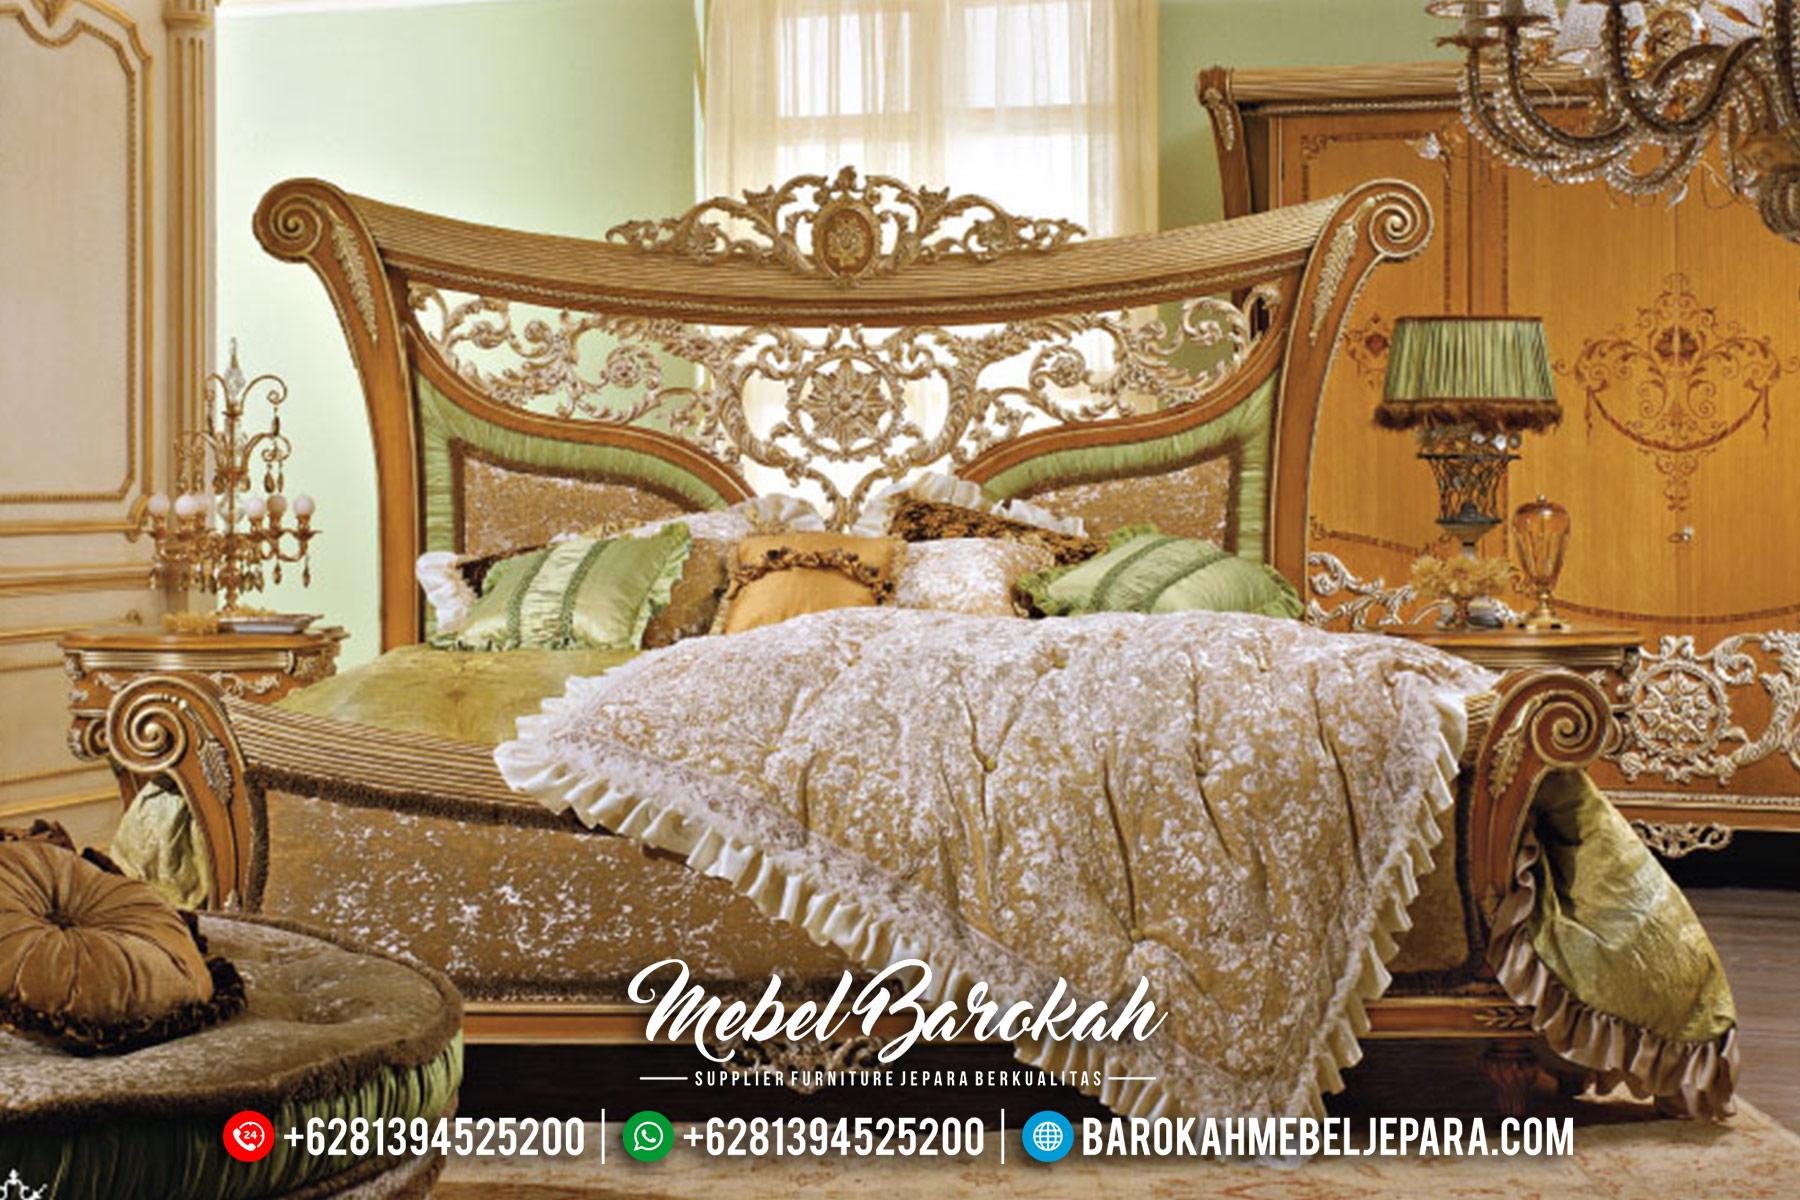 Terbaru Set Tempat Tidur Mewah Klasik Ukiran Asli Jepara MB-0356